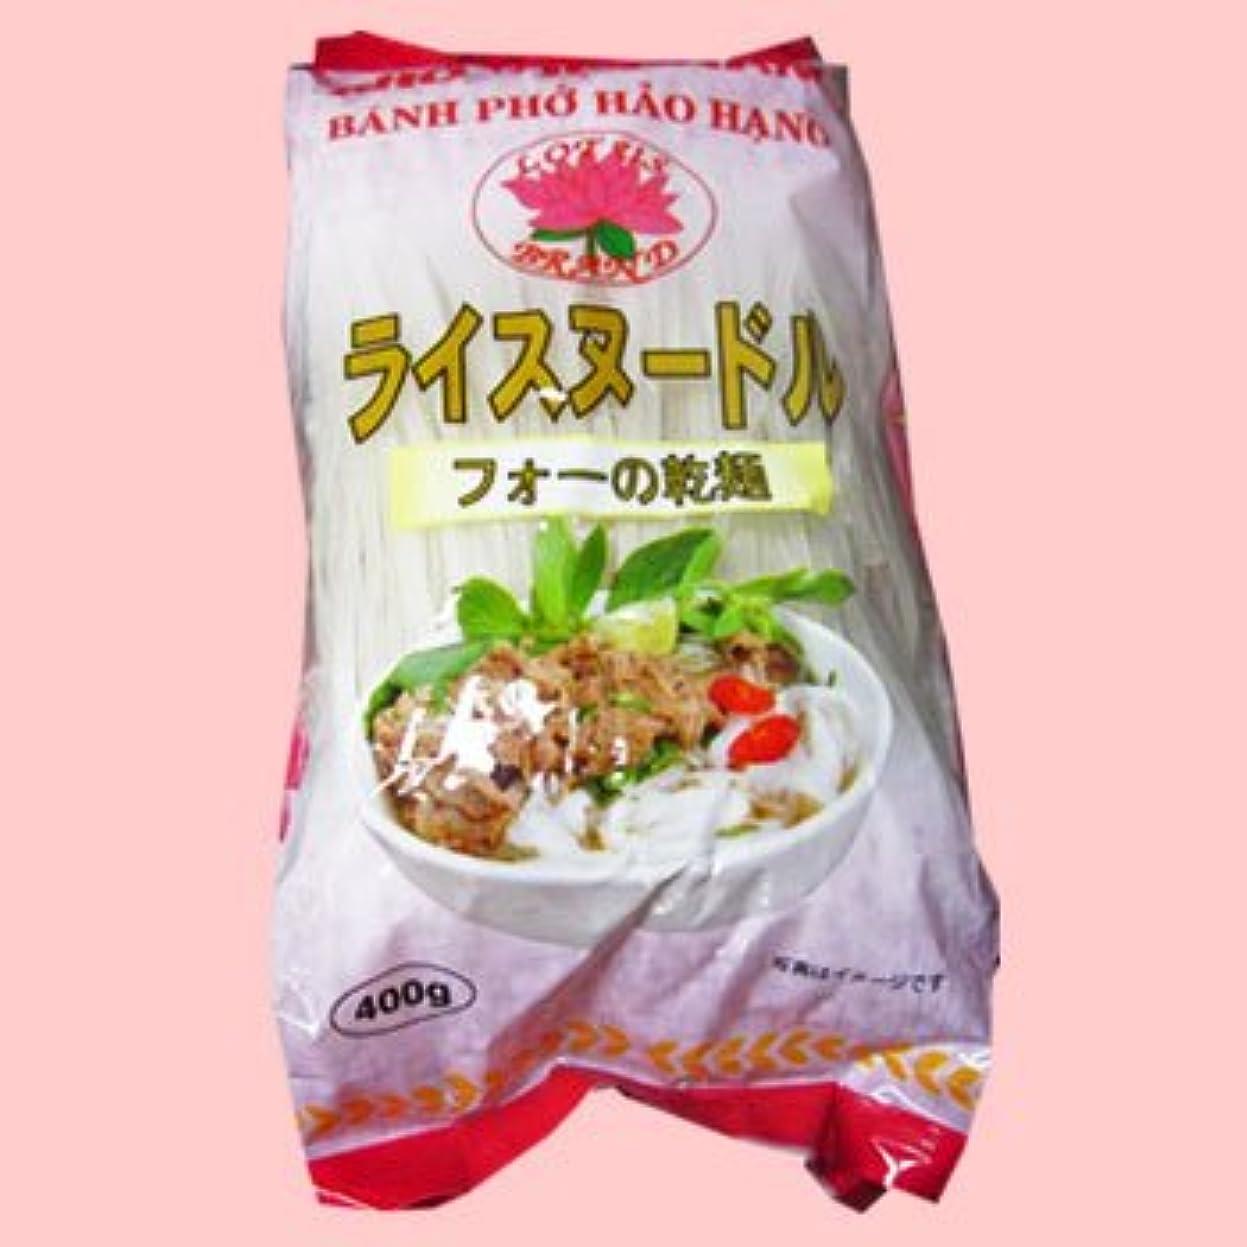 楕円形手伝う配列ベトナムフォー 4mm 400g X10袋 セット (グルテンフリー お米のうどん ライスヌードル) (米麺 米粉麺) (ベトナム料理)